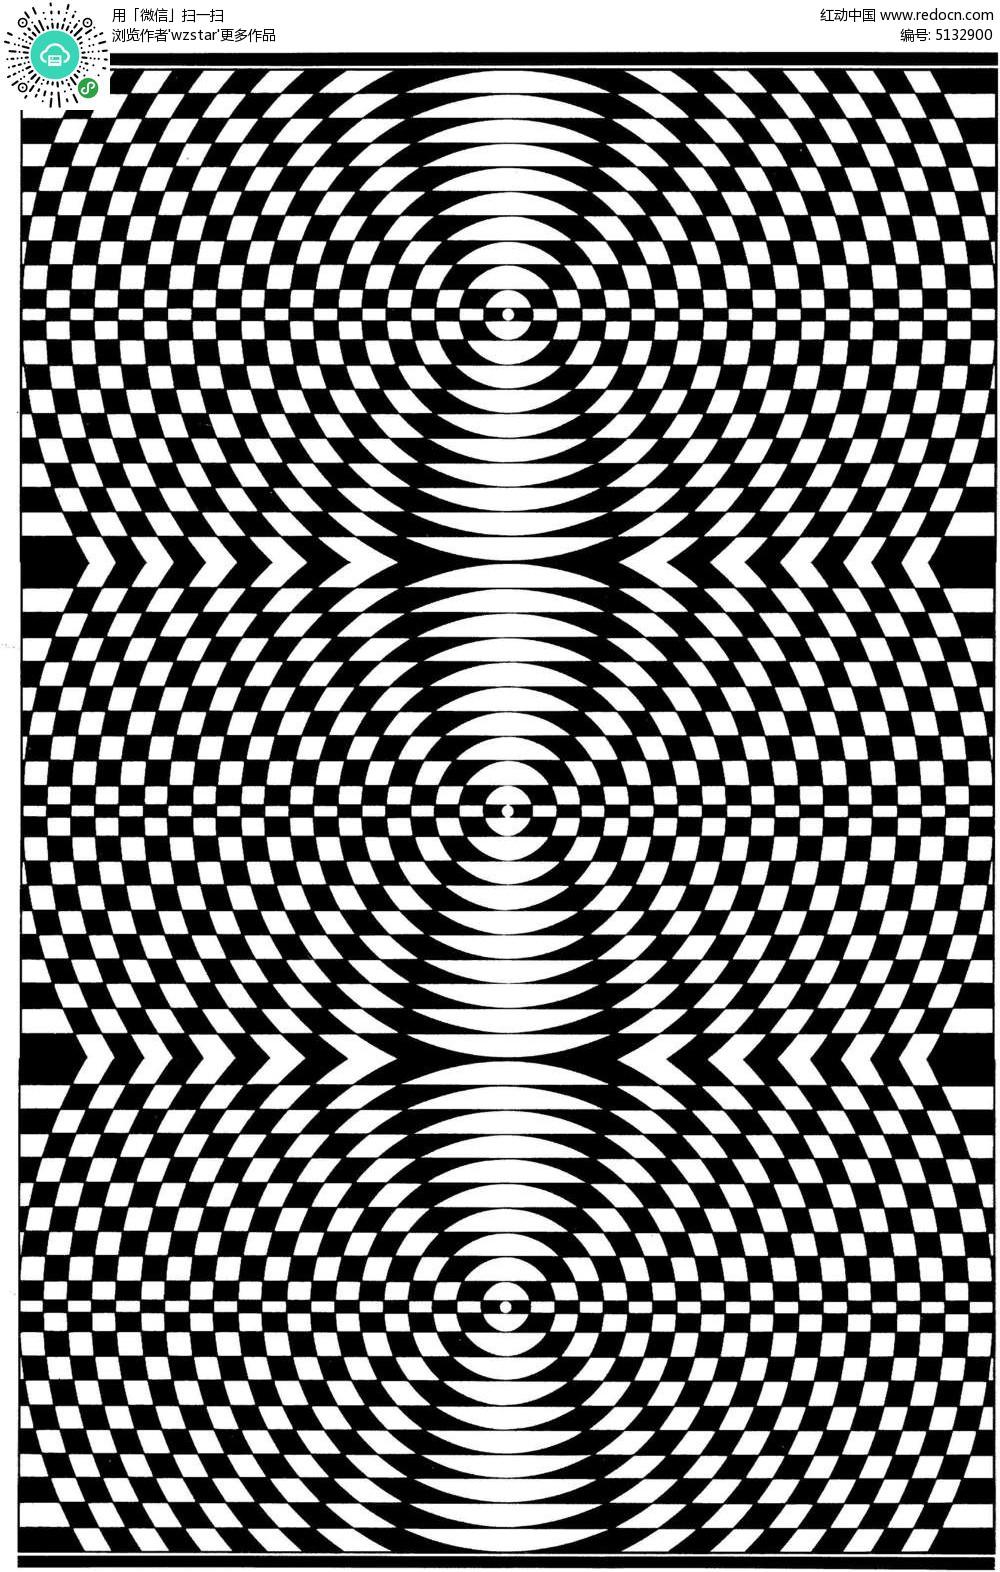 错觉手机壁纸_视觉错觉大全_视觉错觉汇总